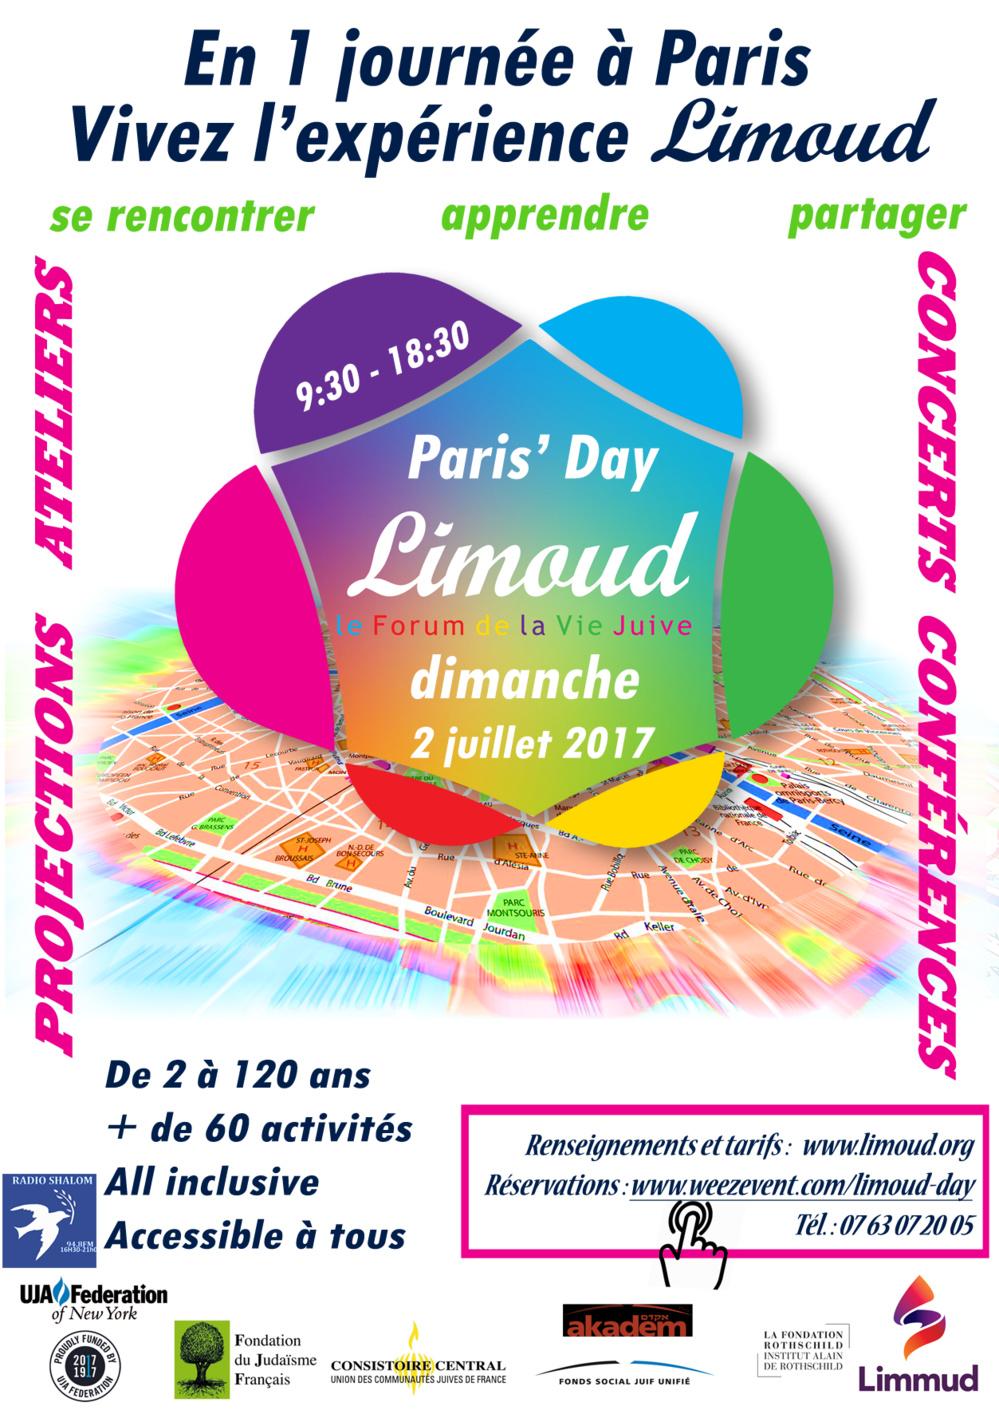 Limoud Day Paris 2 juillet : c'est parti !